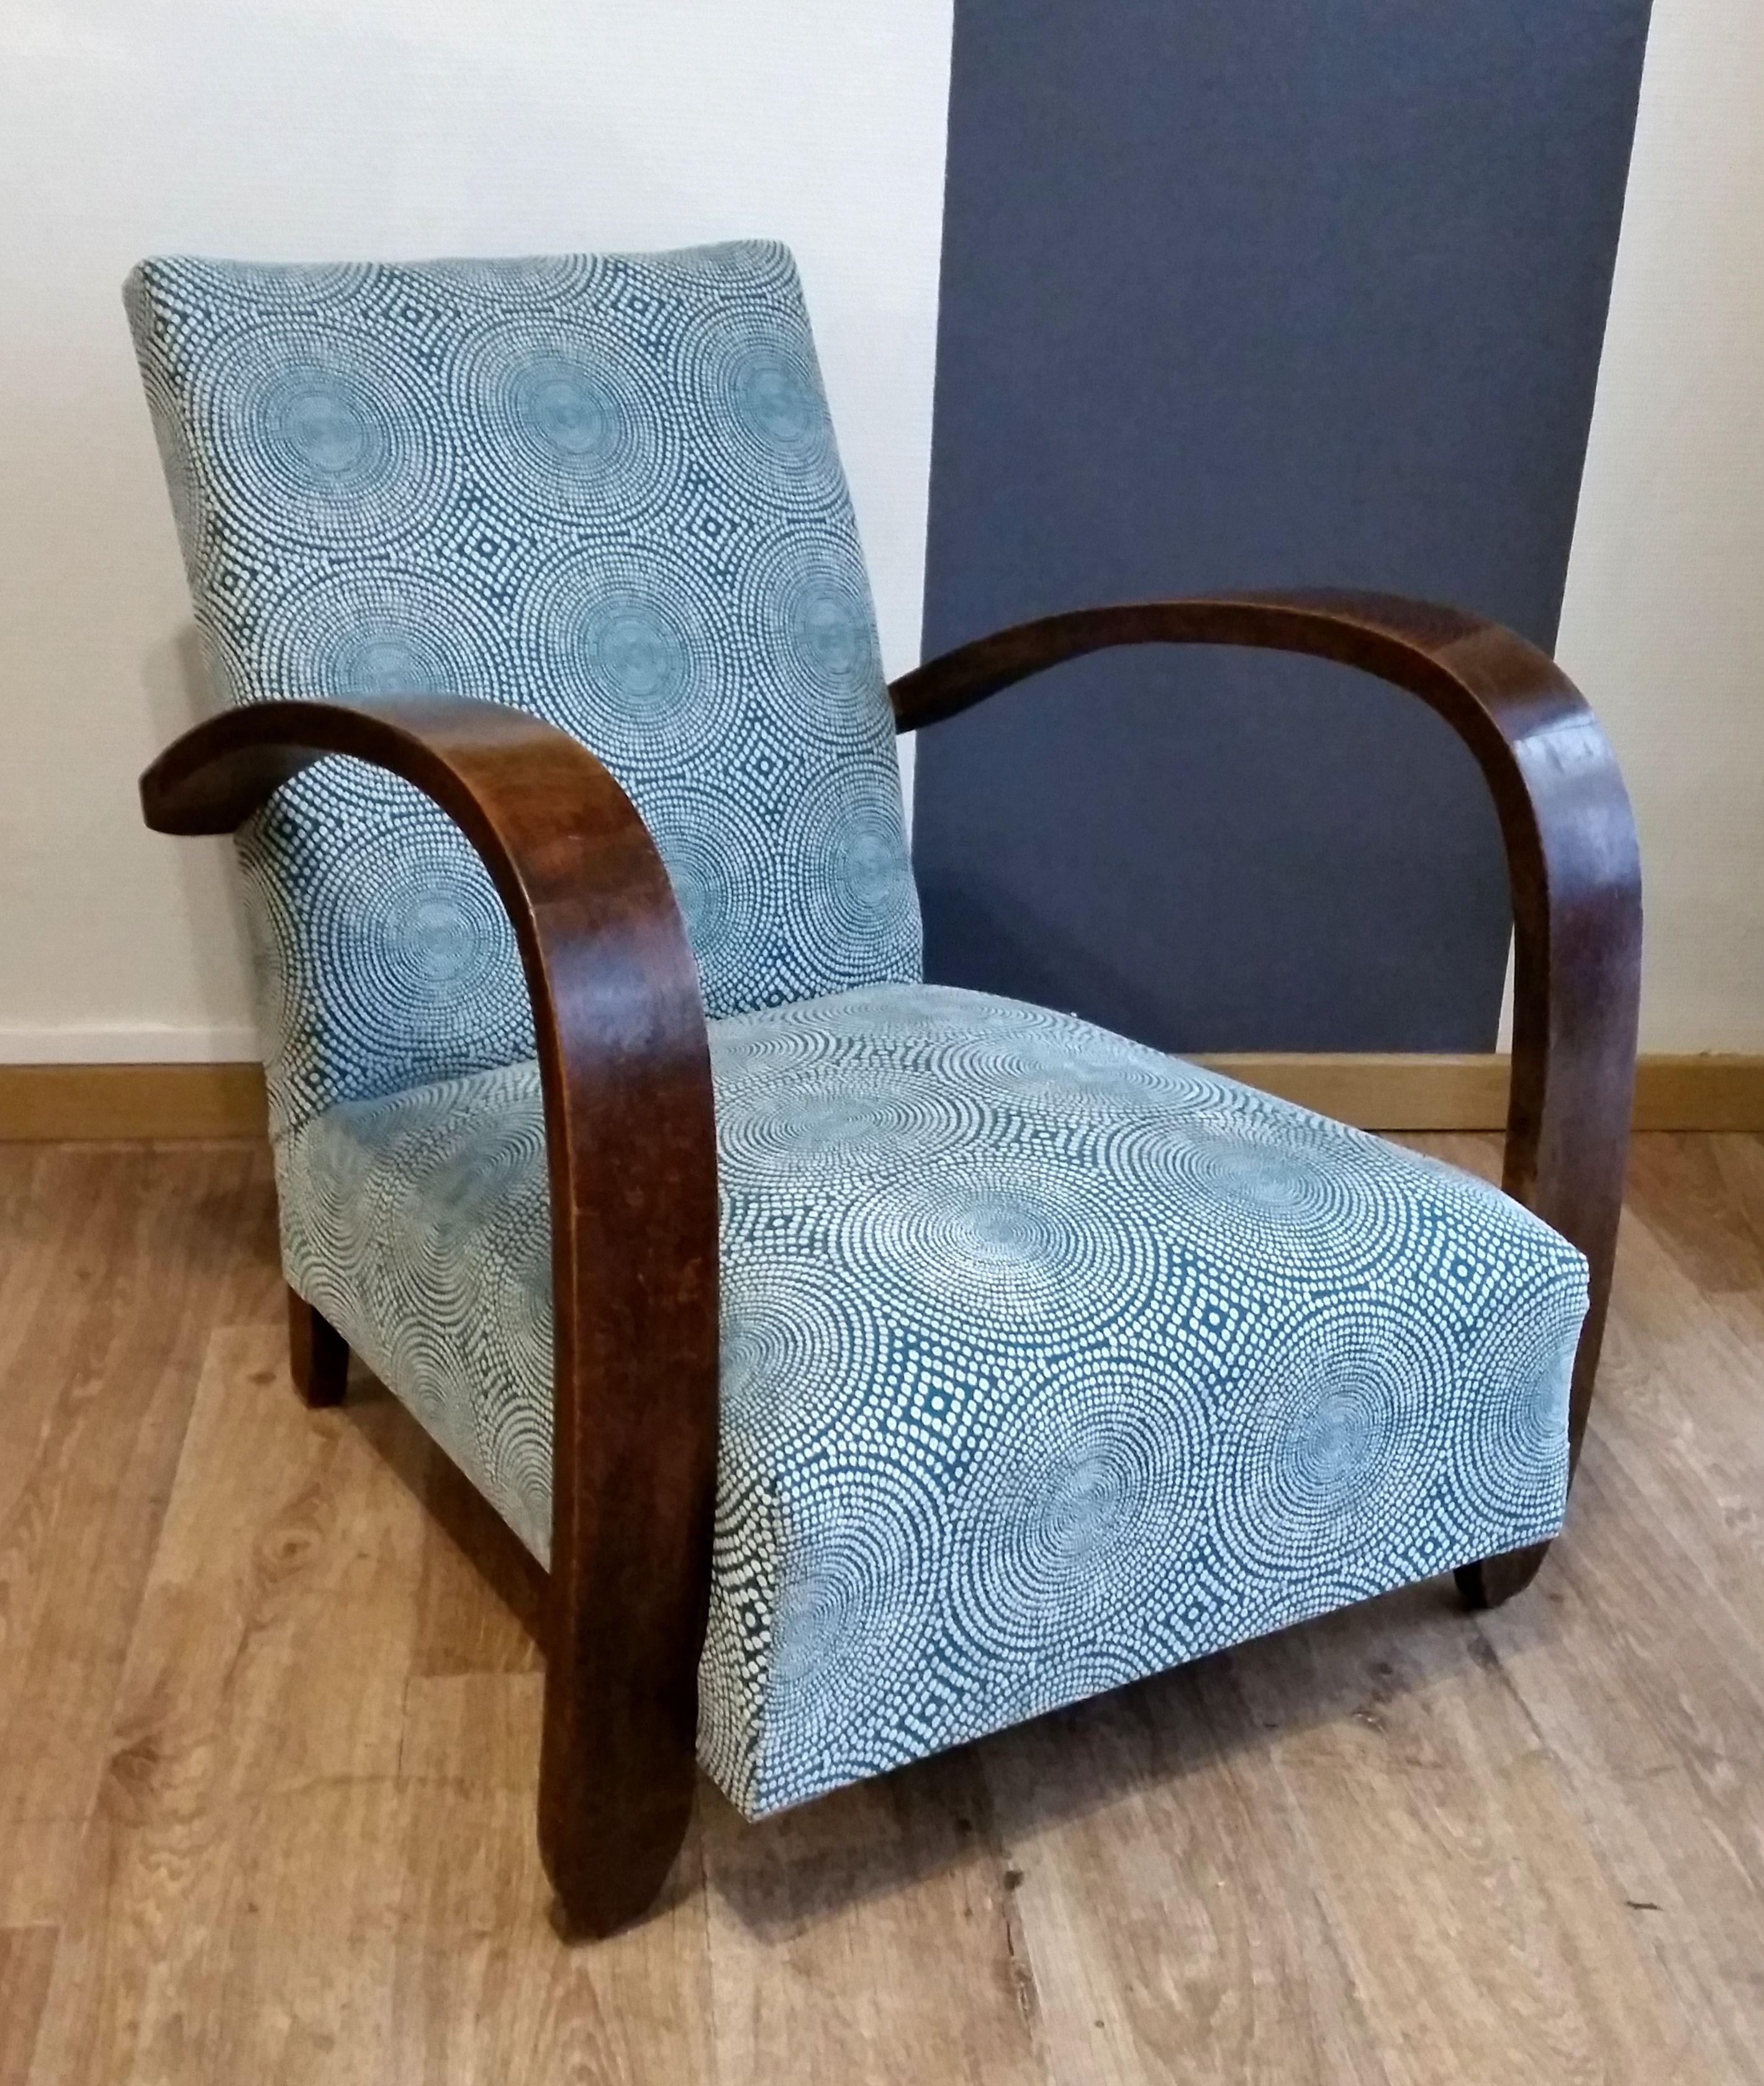 fauteuil art d co tissu scion tapisserie en 2019 fauteuil art deco mobilier art d co et. Black Bedroom Furniture Sets. Home Design Ideas